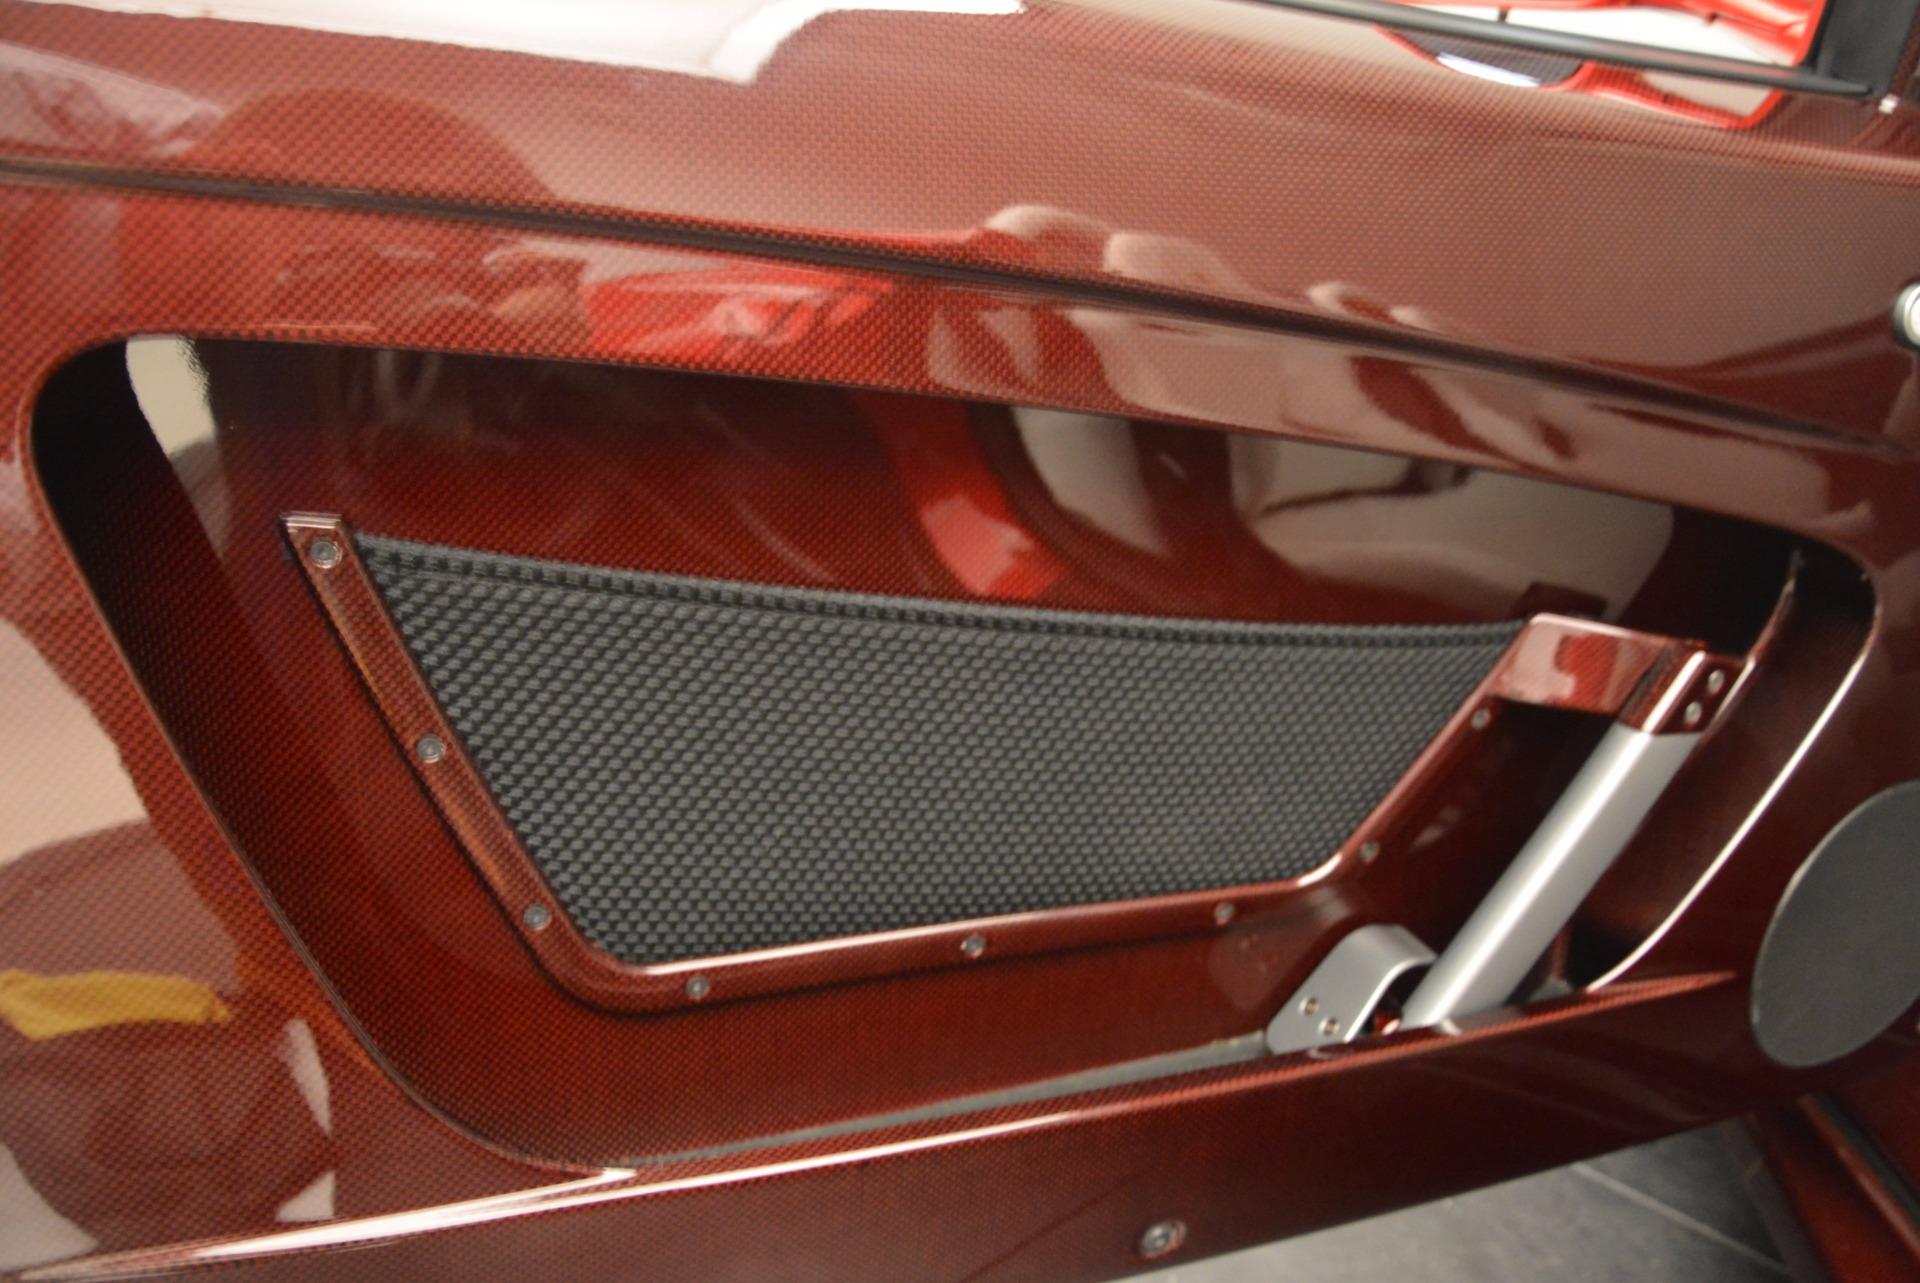 Used 2009 Ferrari F430 Scuderia 16M For Sale In Greenwich, CT 1398_p28